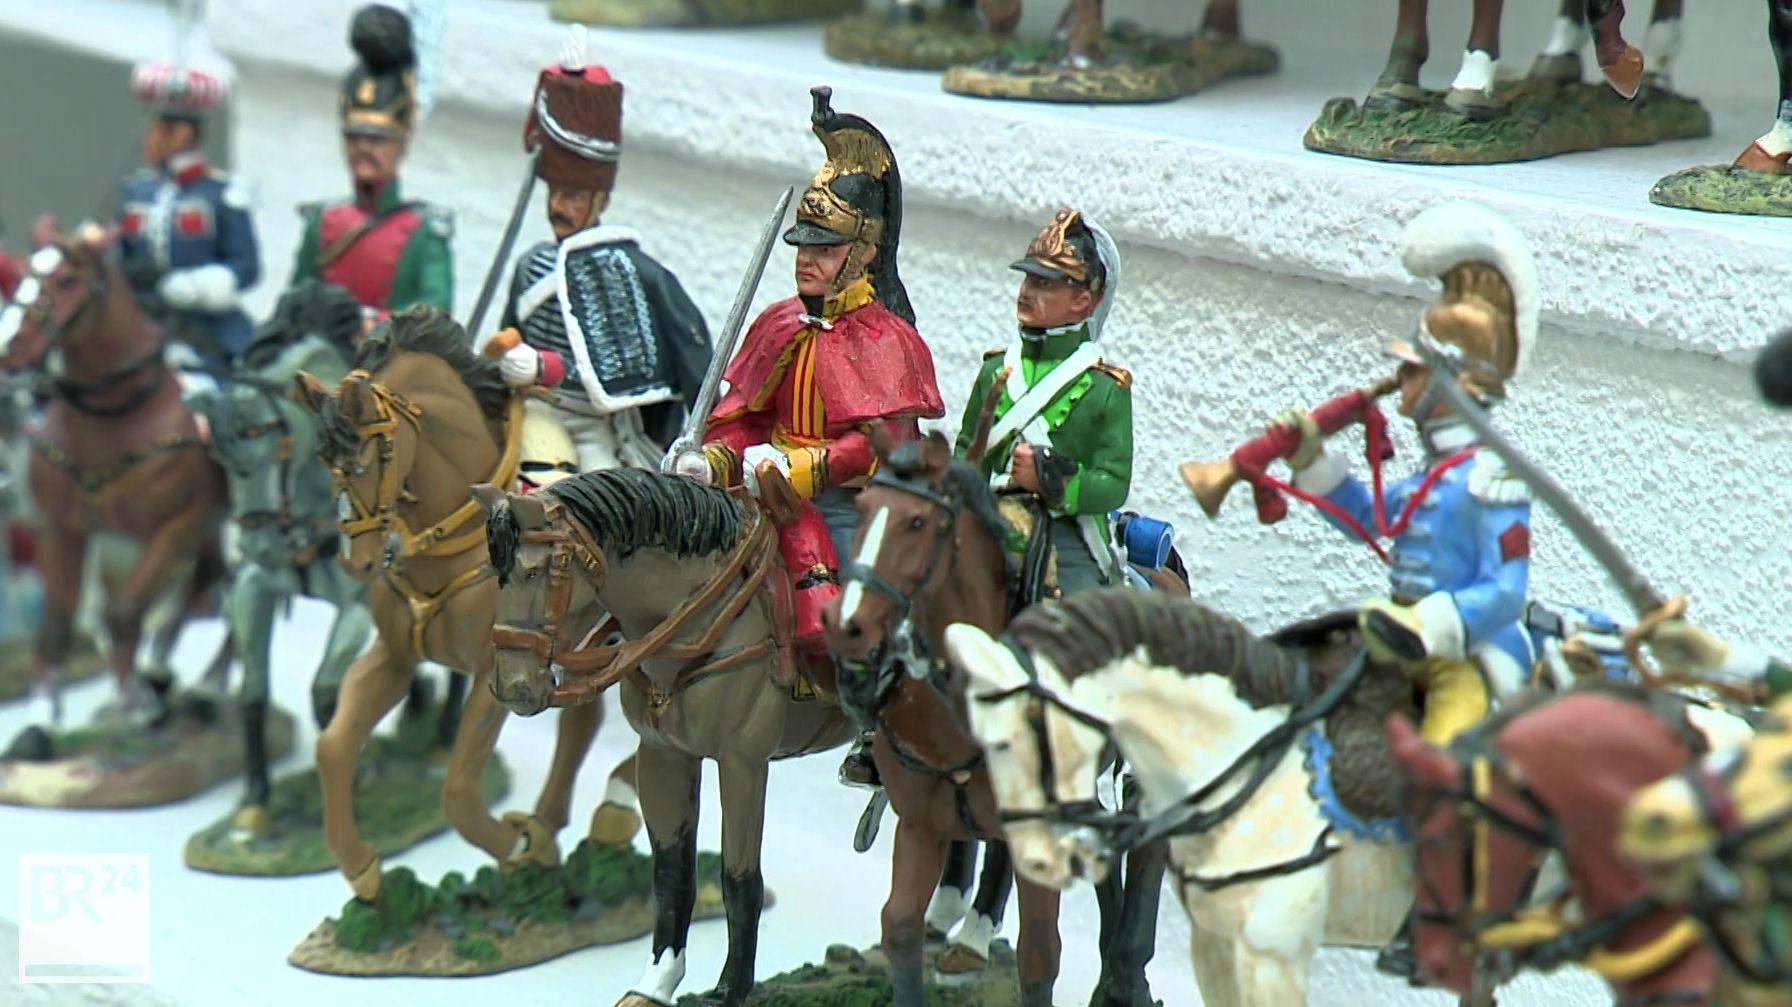 170 Aussteller aus 17 Nationen sind zurzeit auf der Kulmbacher Zinnfigurenbörse zu Gast.